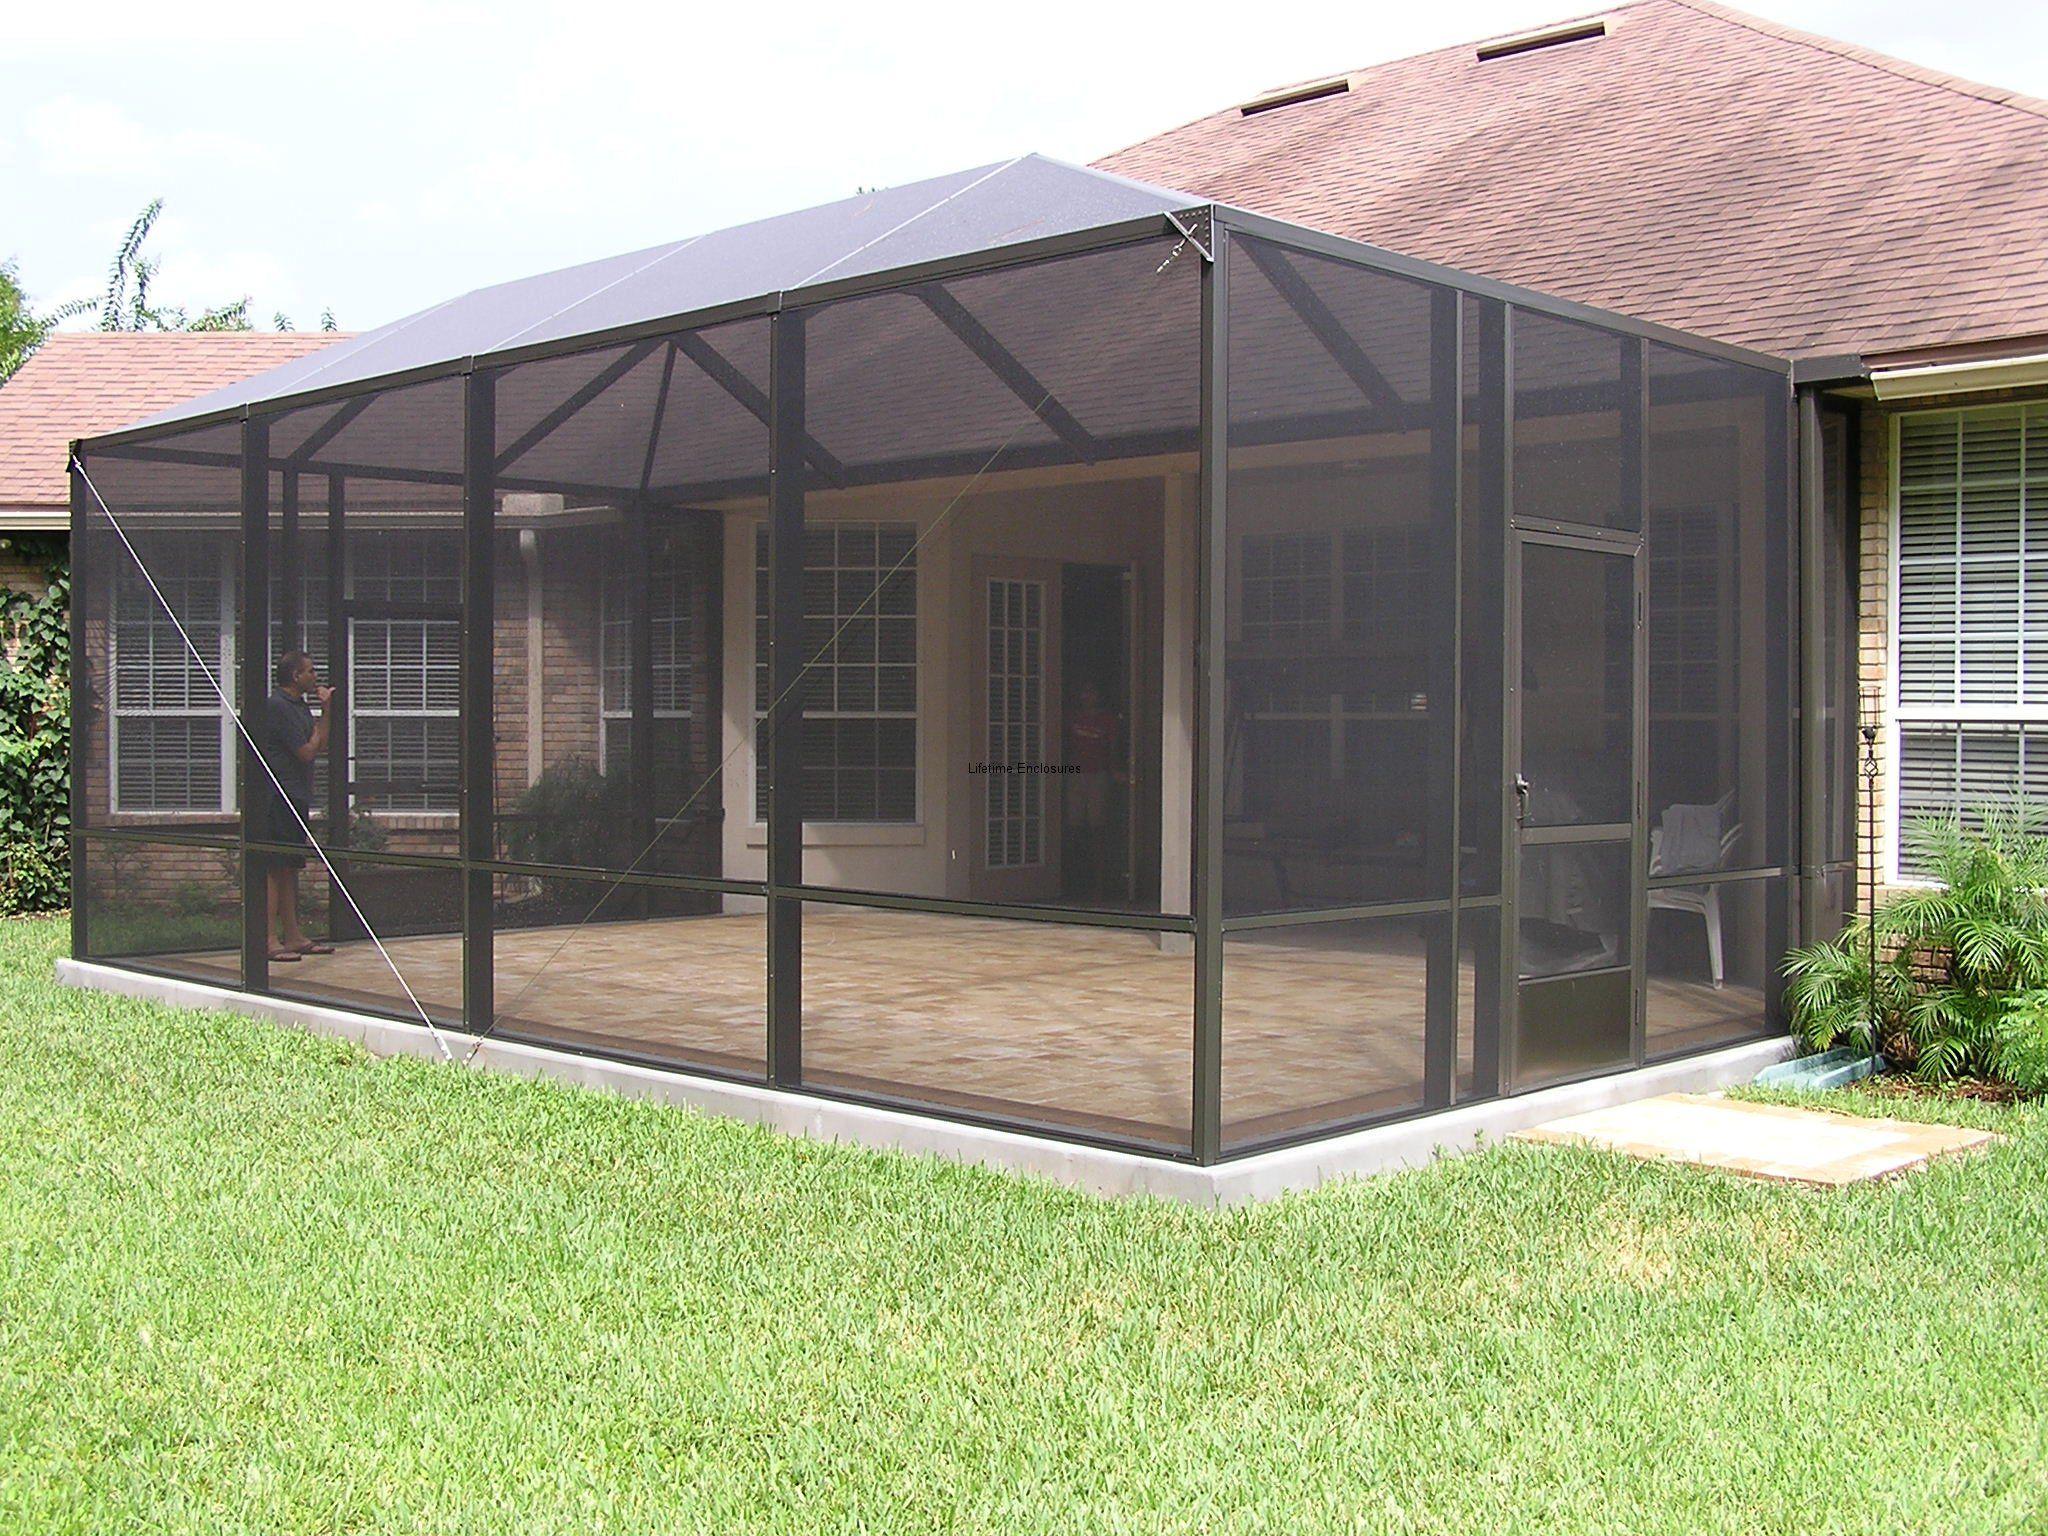 Modern Lanai Patio Design Ideas Patio Screen Enclosure